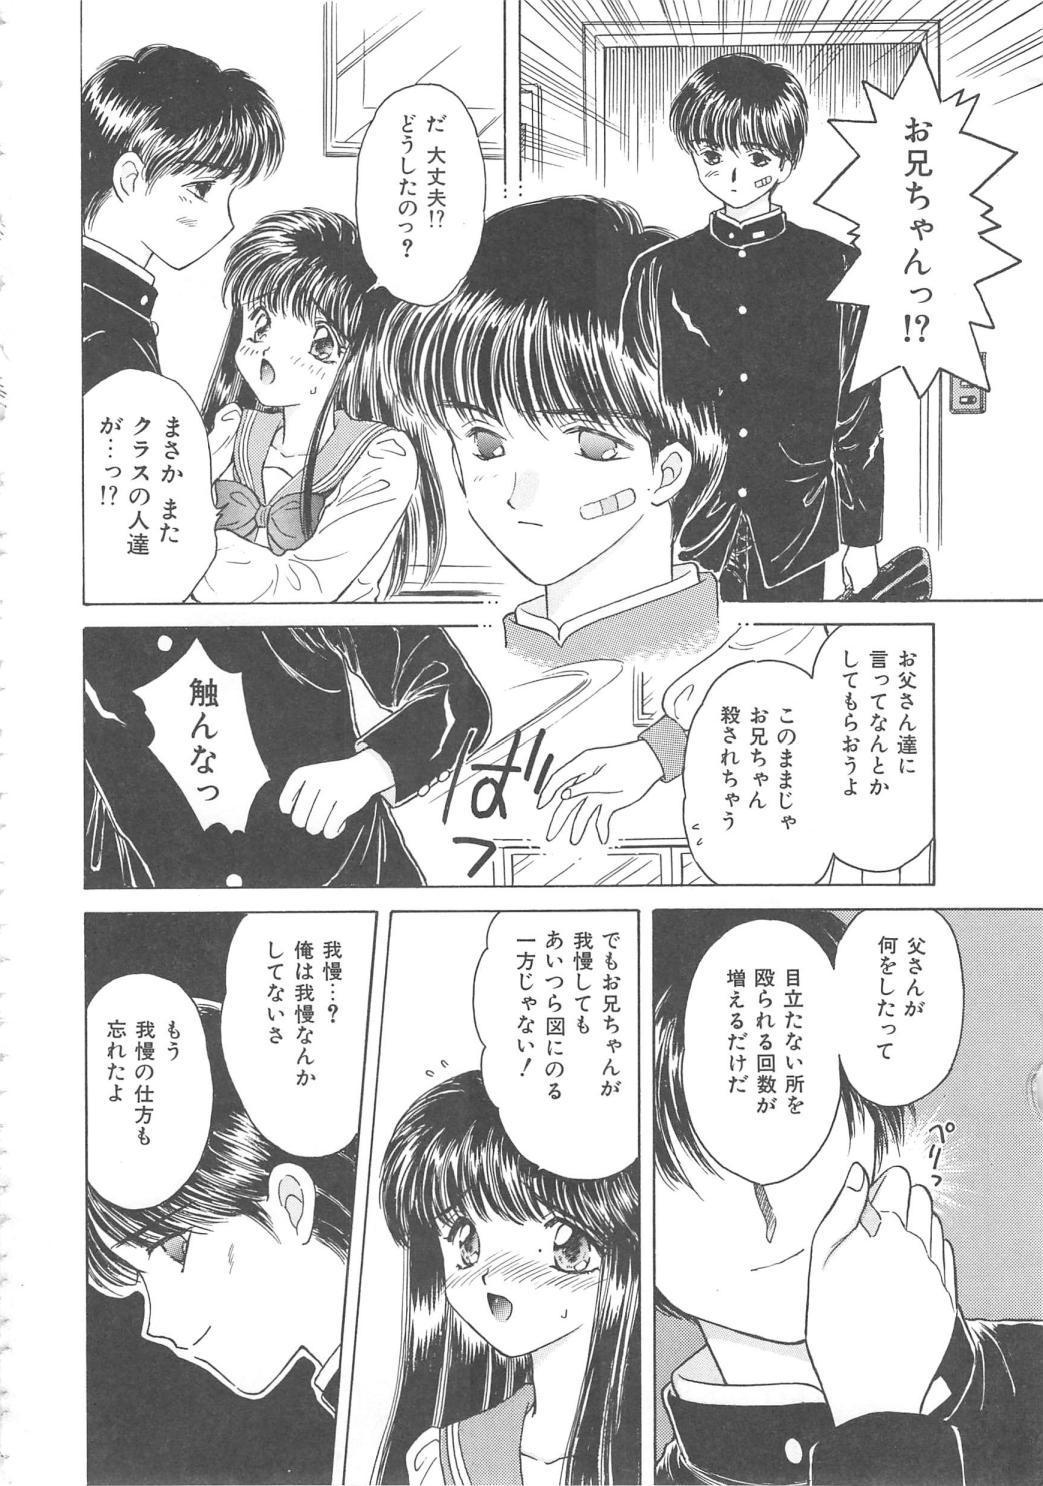 Shojyo Koutan 85